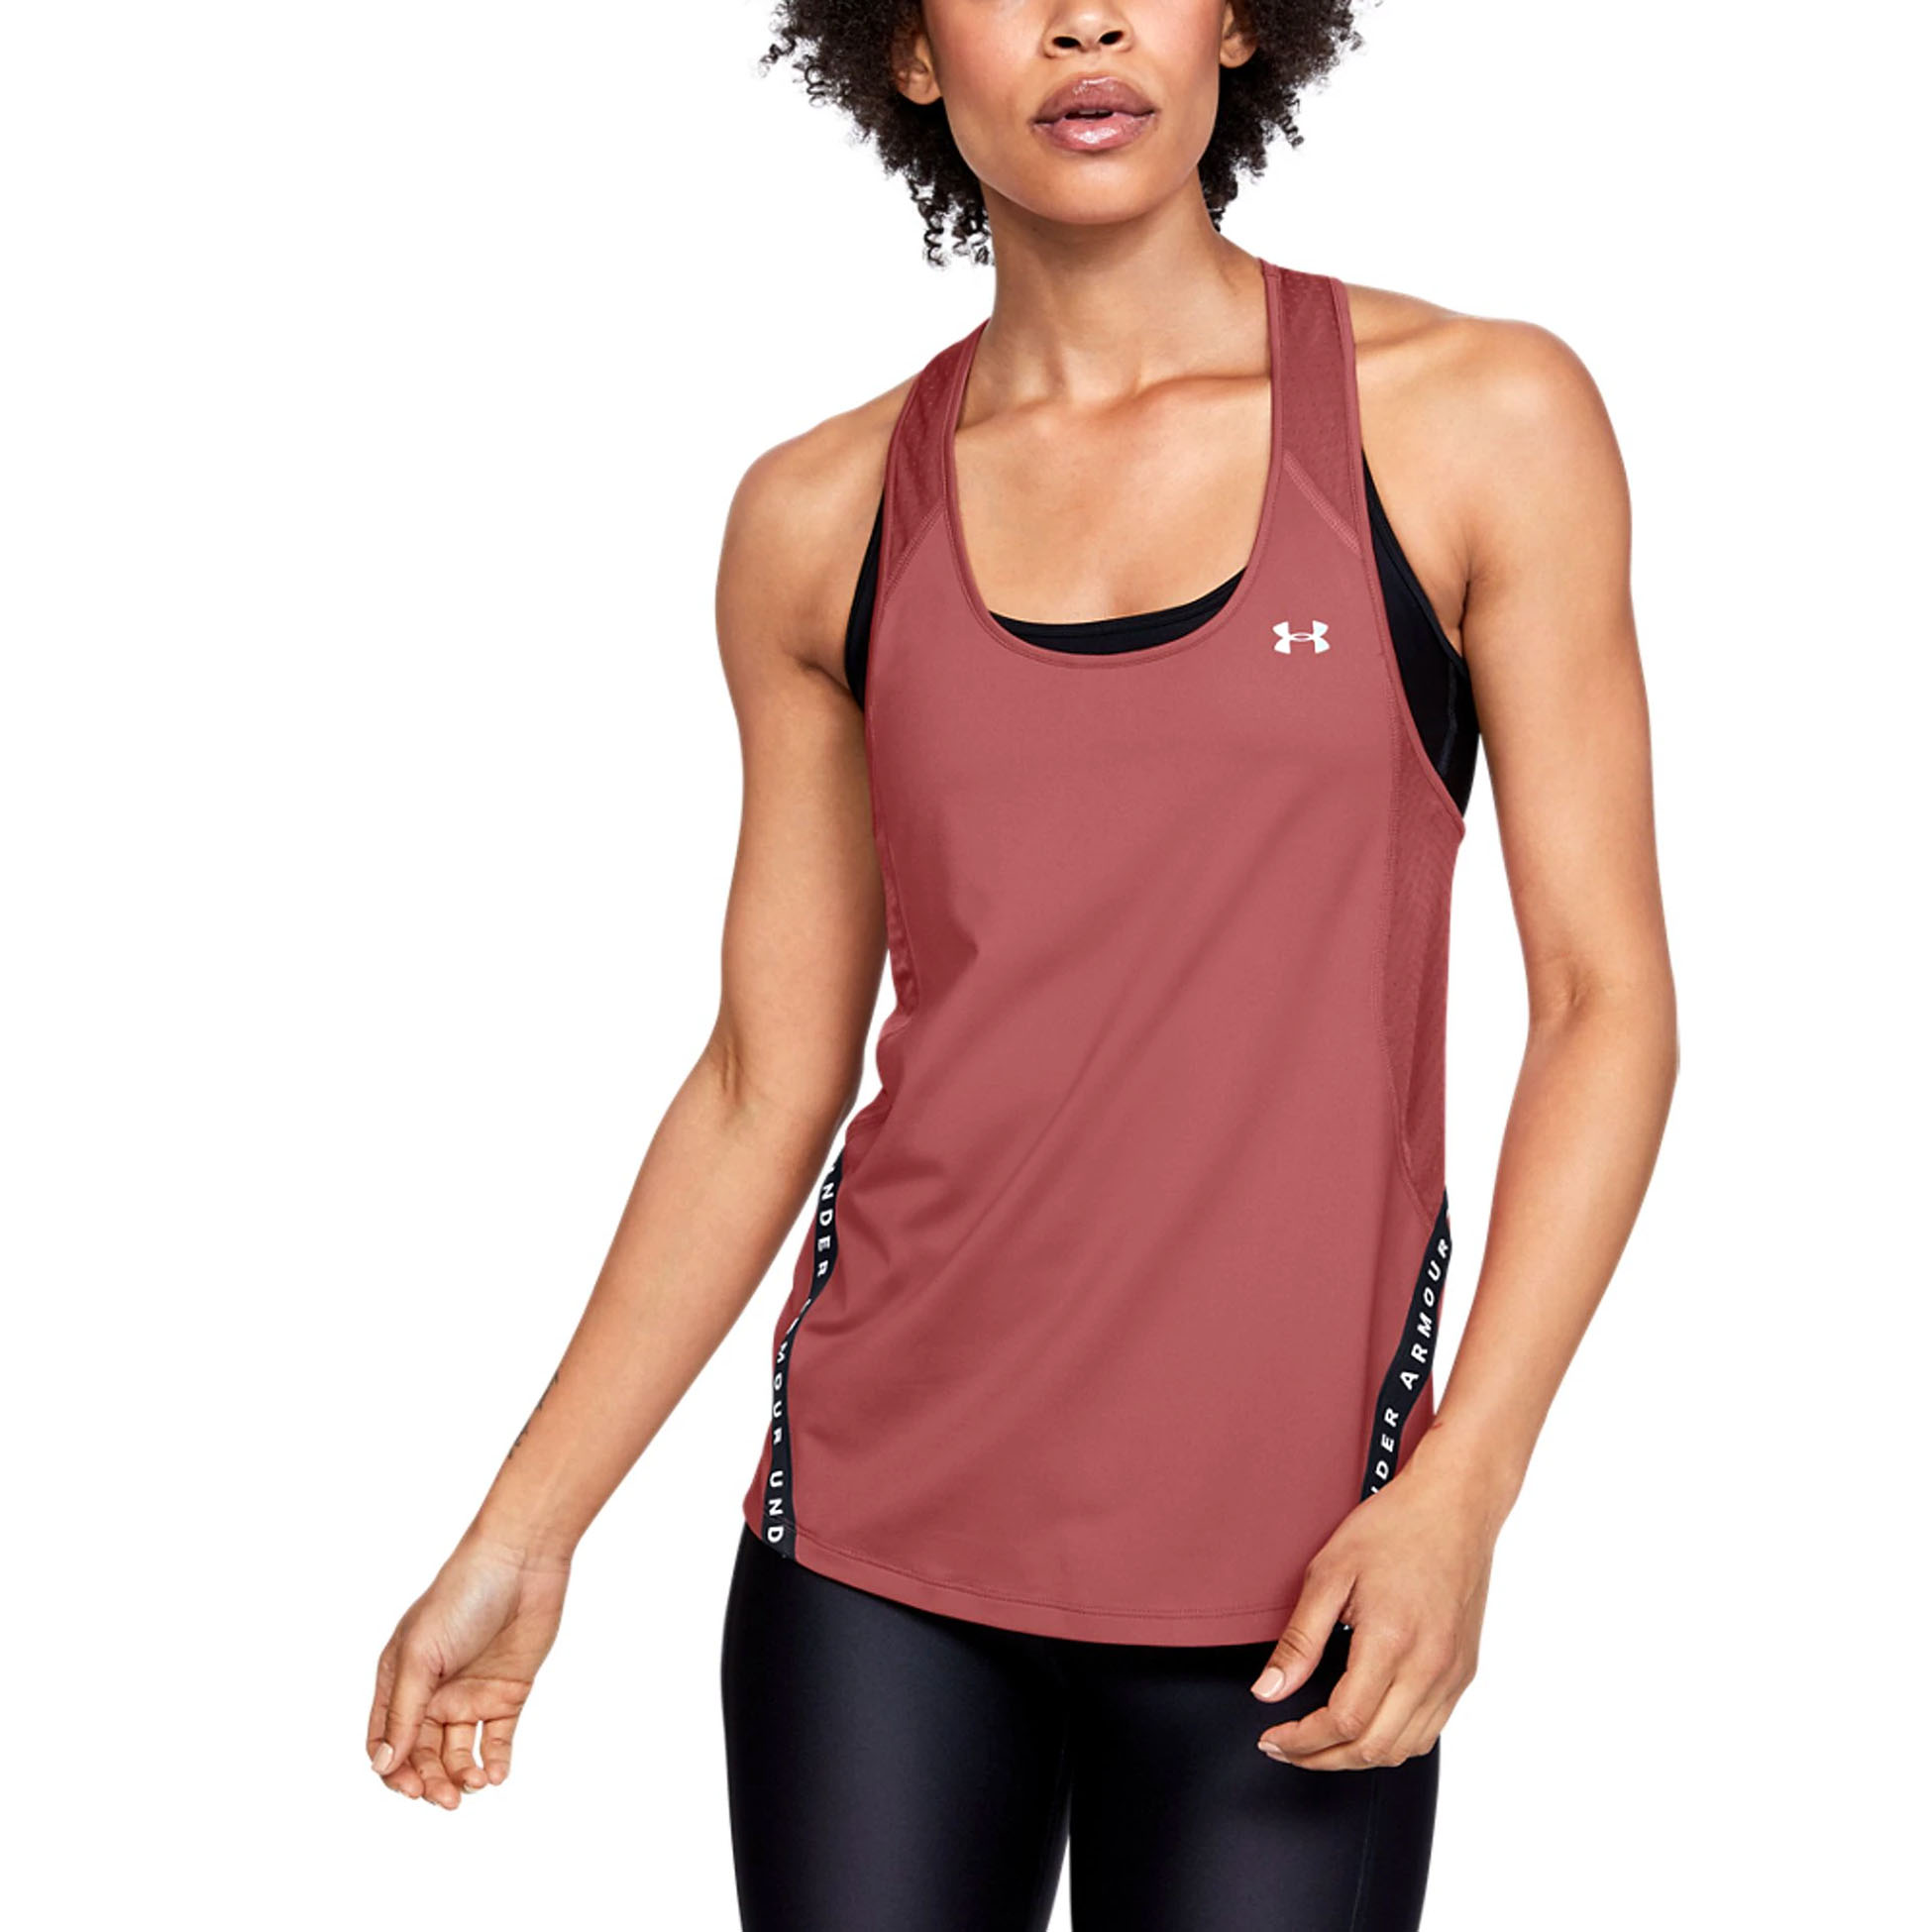 Under-Armour-Mot-Symbole-ruban-Pour-Femme-Femmes-Fitness-Training-Vest-Tank-Rose miniature 7